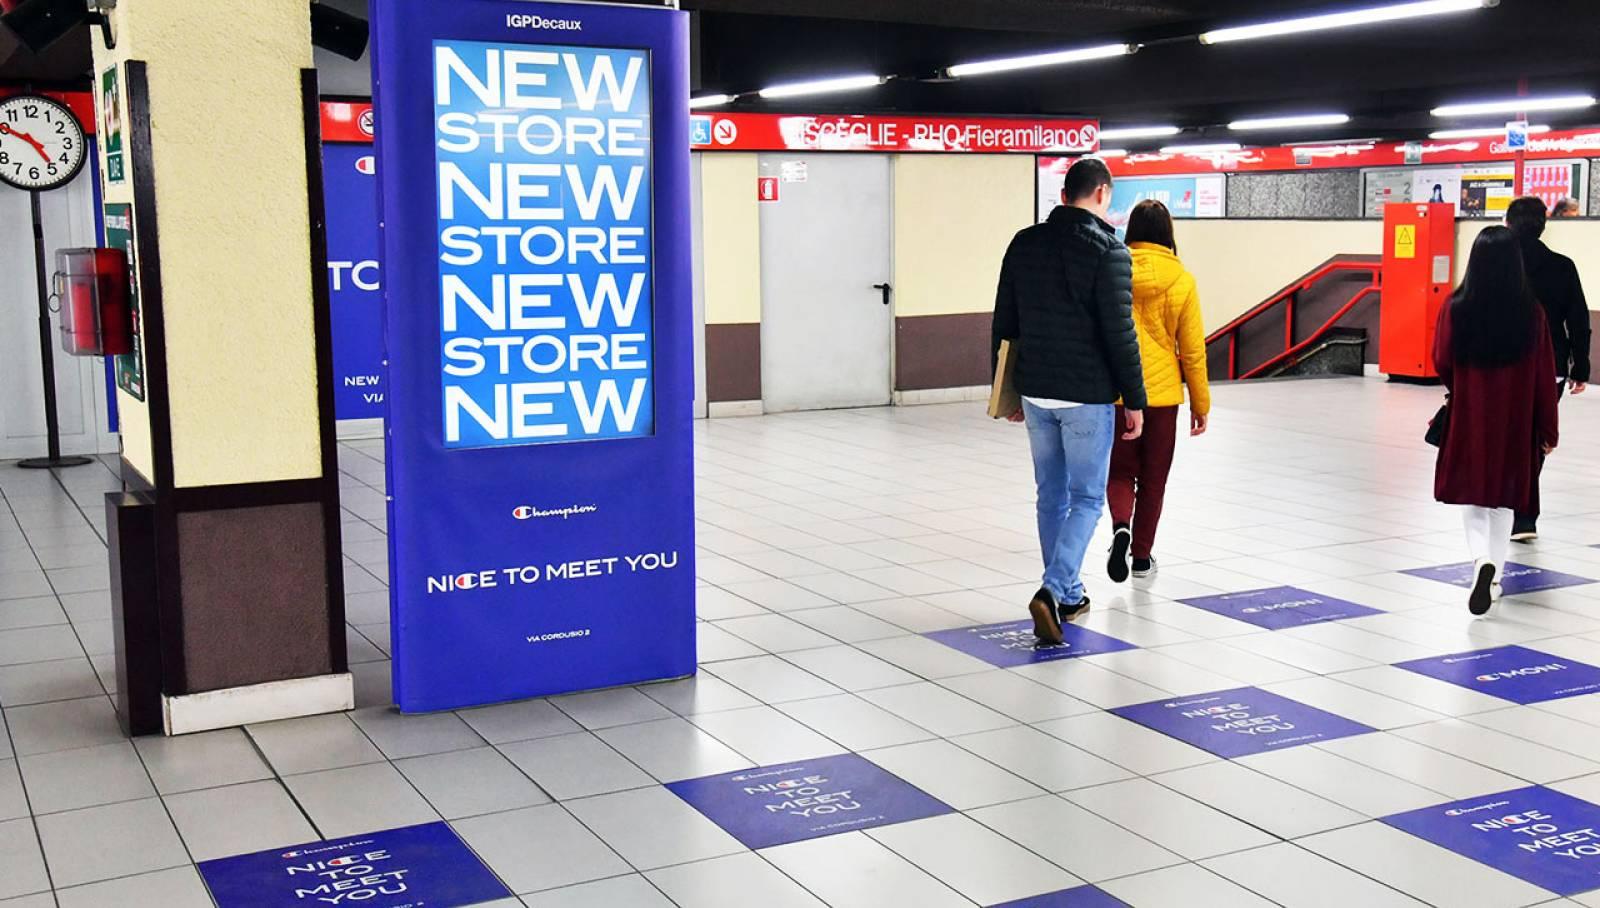 Pubblicità OOH IGPDecaux Station Domination Milano per Champion